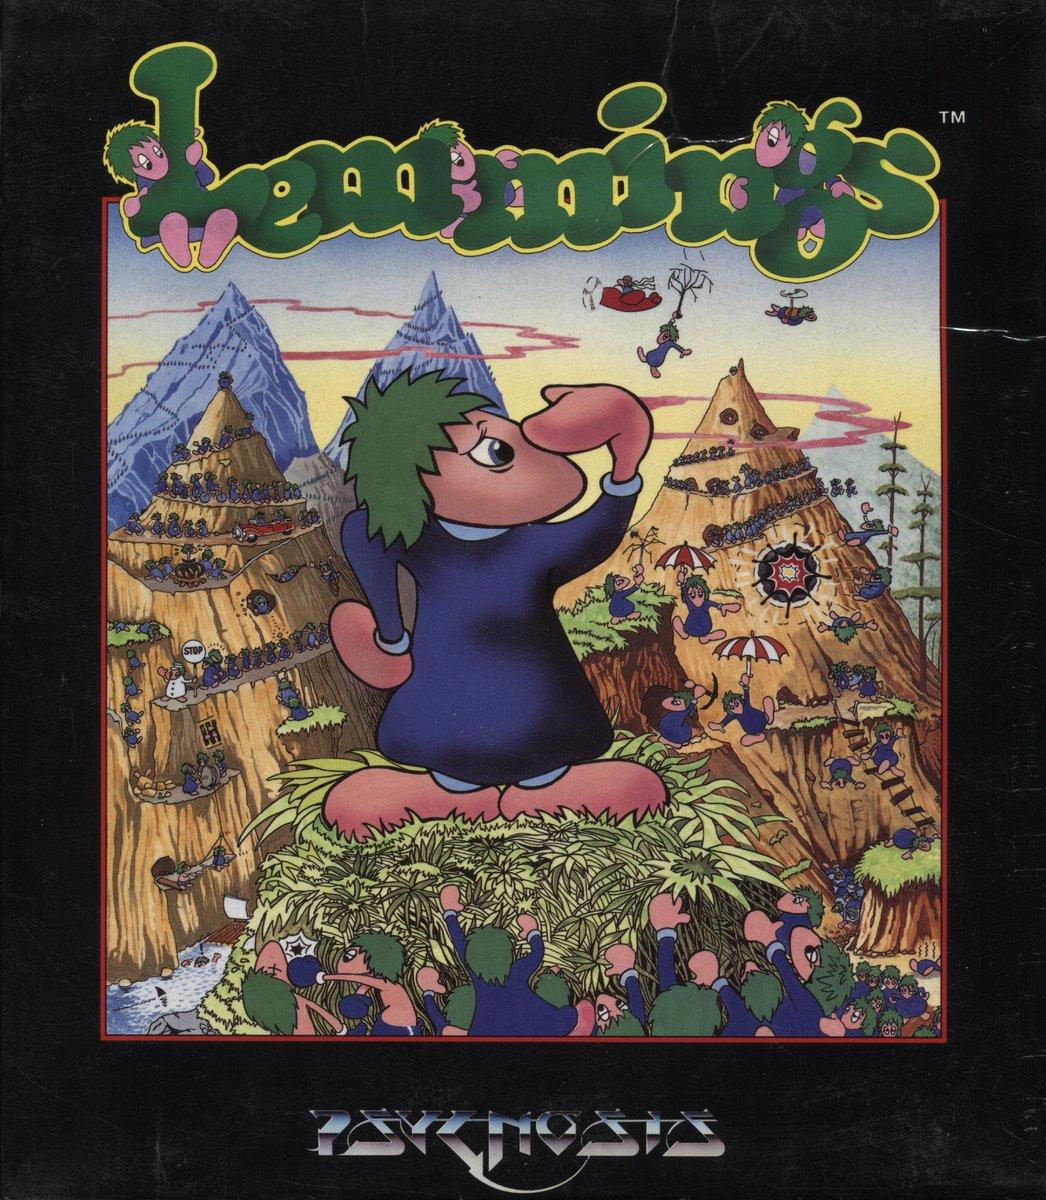 25 years ago today, #Lemmings was released....  #FellingOldNow... https://t.co/y4lPYeZMdb